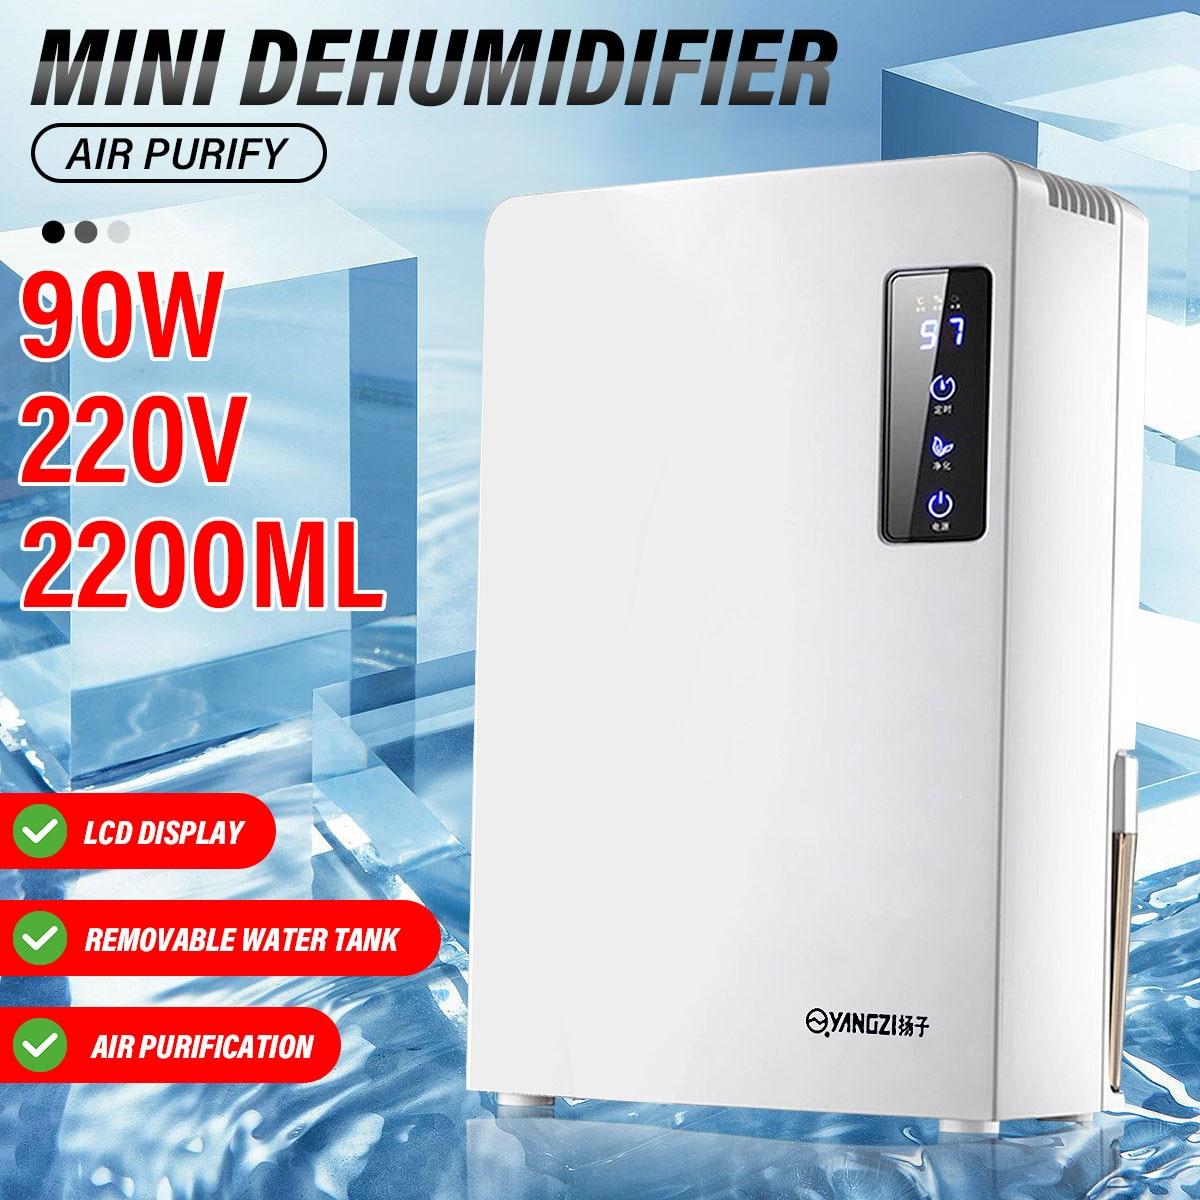 2200 مللي مزيل الرطوبة الكهربائية مجفف هواء Multifucntion لتنقية الهواء الذكية اللمس المنزل كتم شاشة LED نظام الصرف المزدوج المنزل